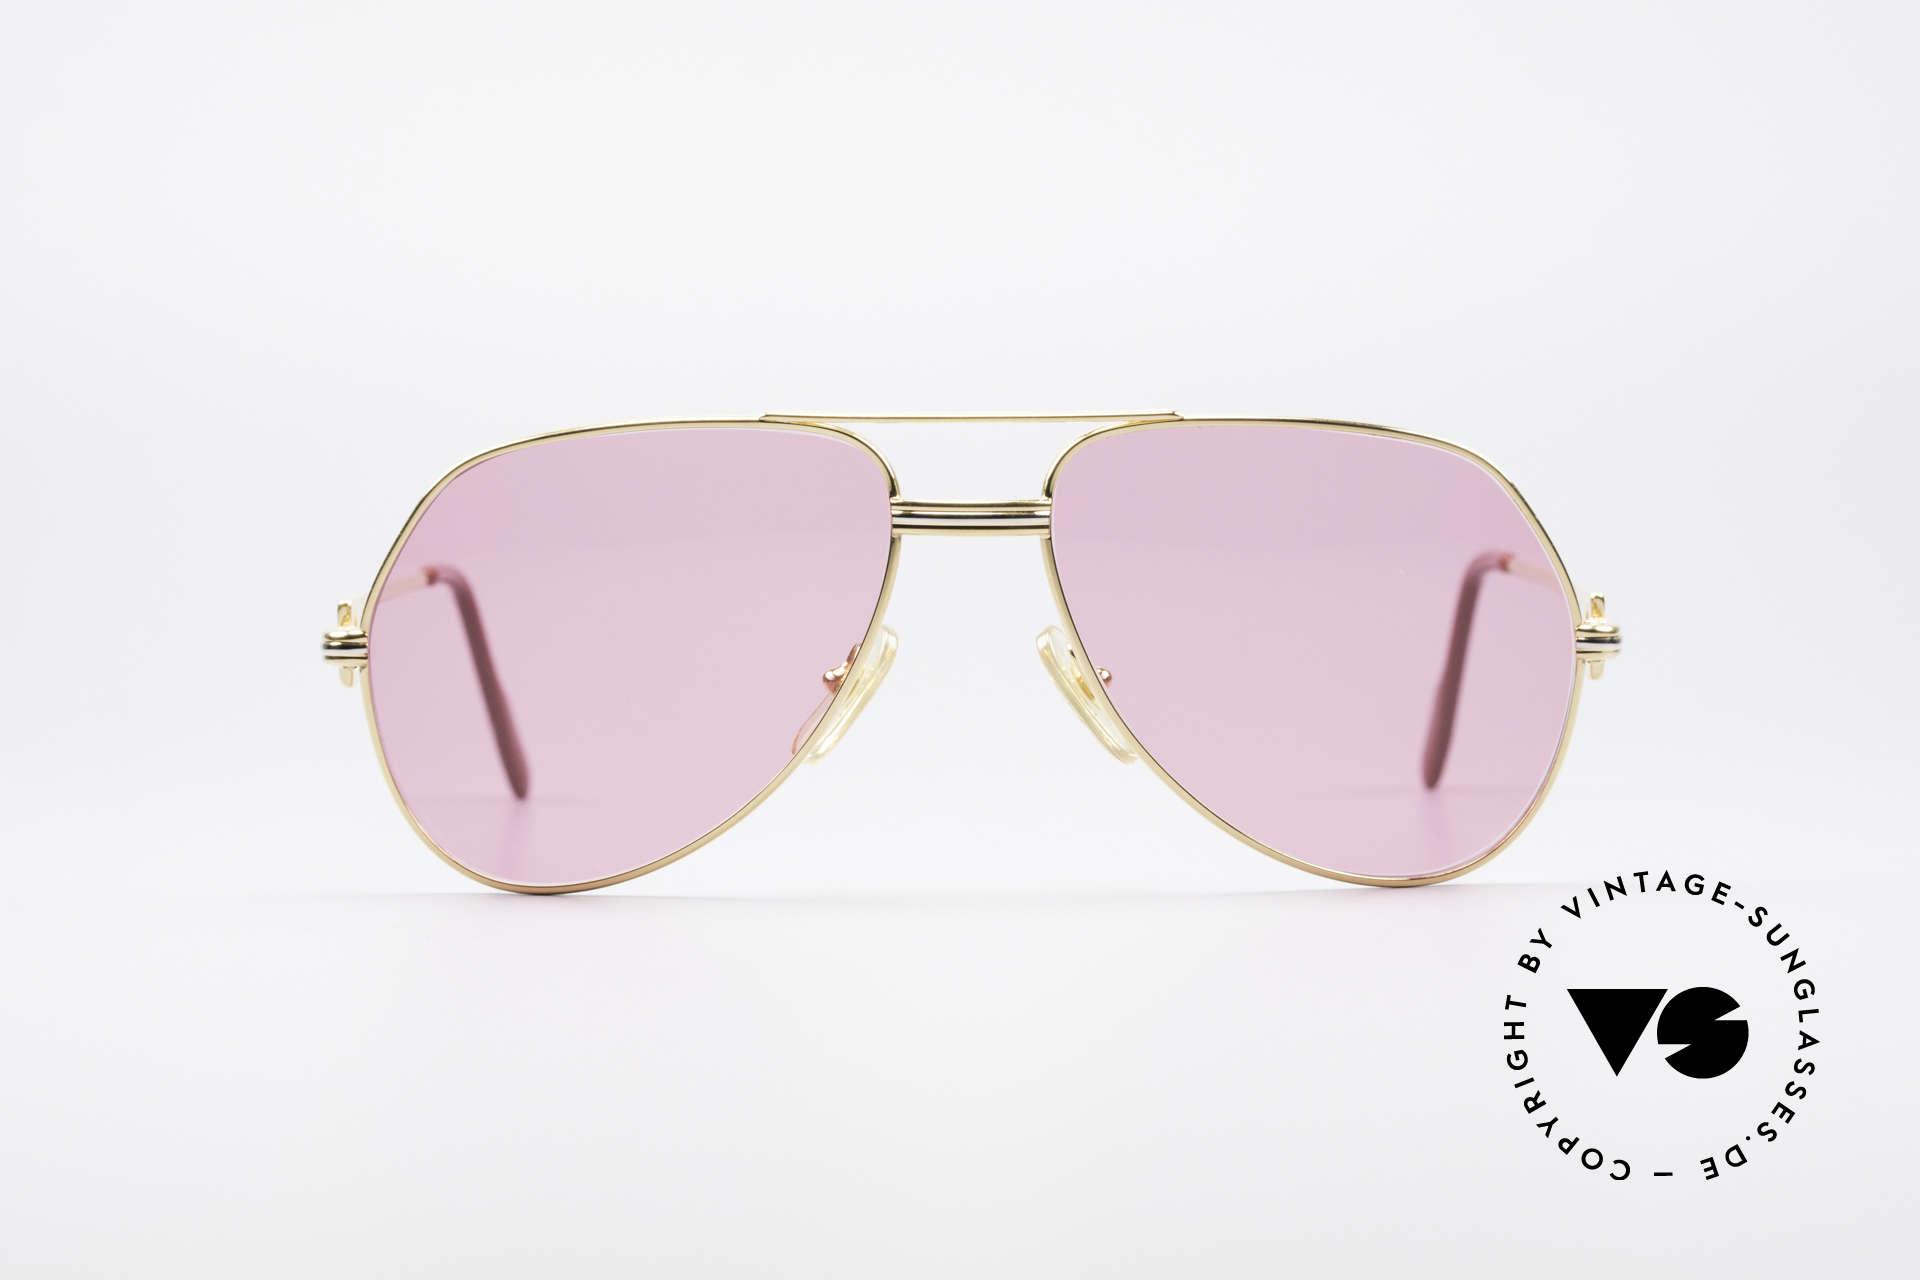 Cartier Vendome LC - M Michael Douglas Sonnenbrille, wurde 1983 veröffentlicht & dann bis 1997 produziert, Passend für Herren und Damen